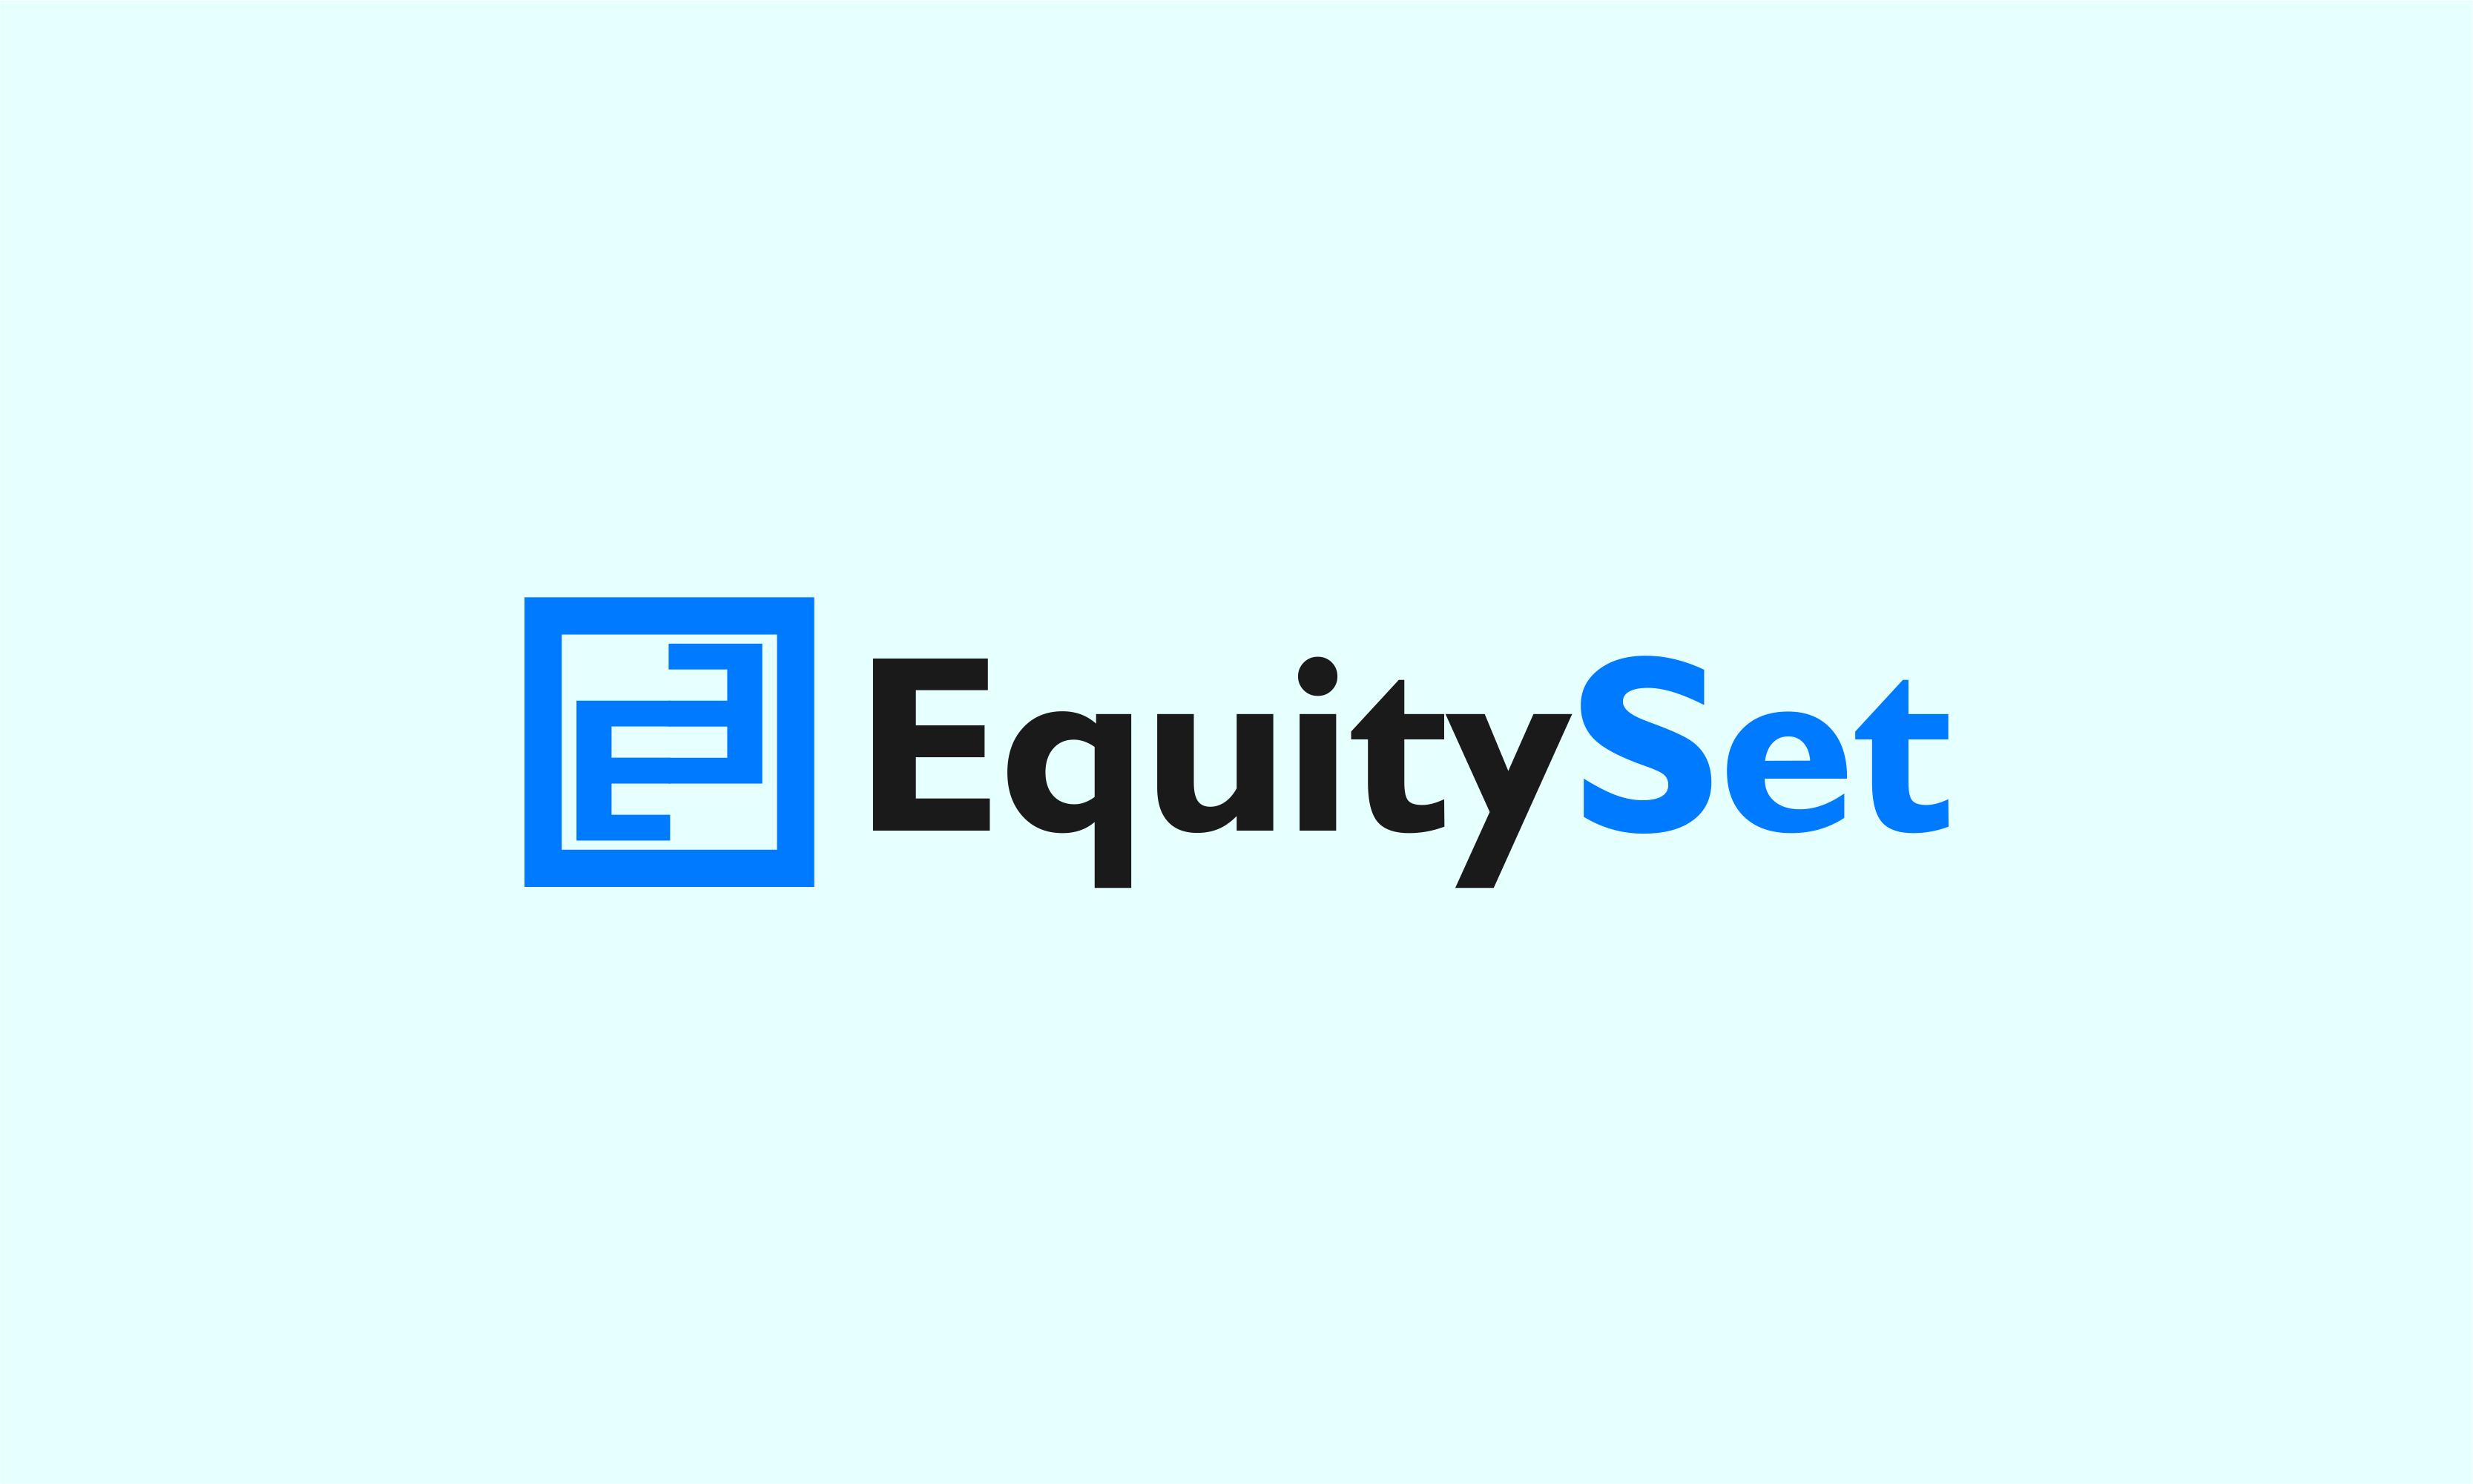 Equityset